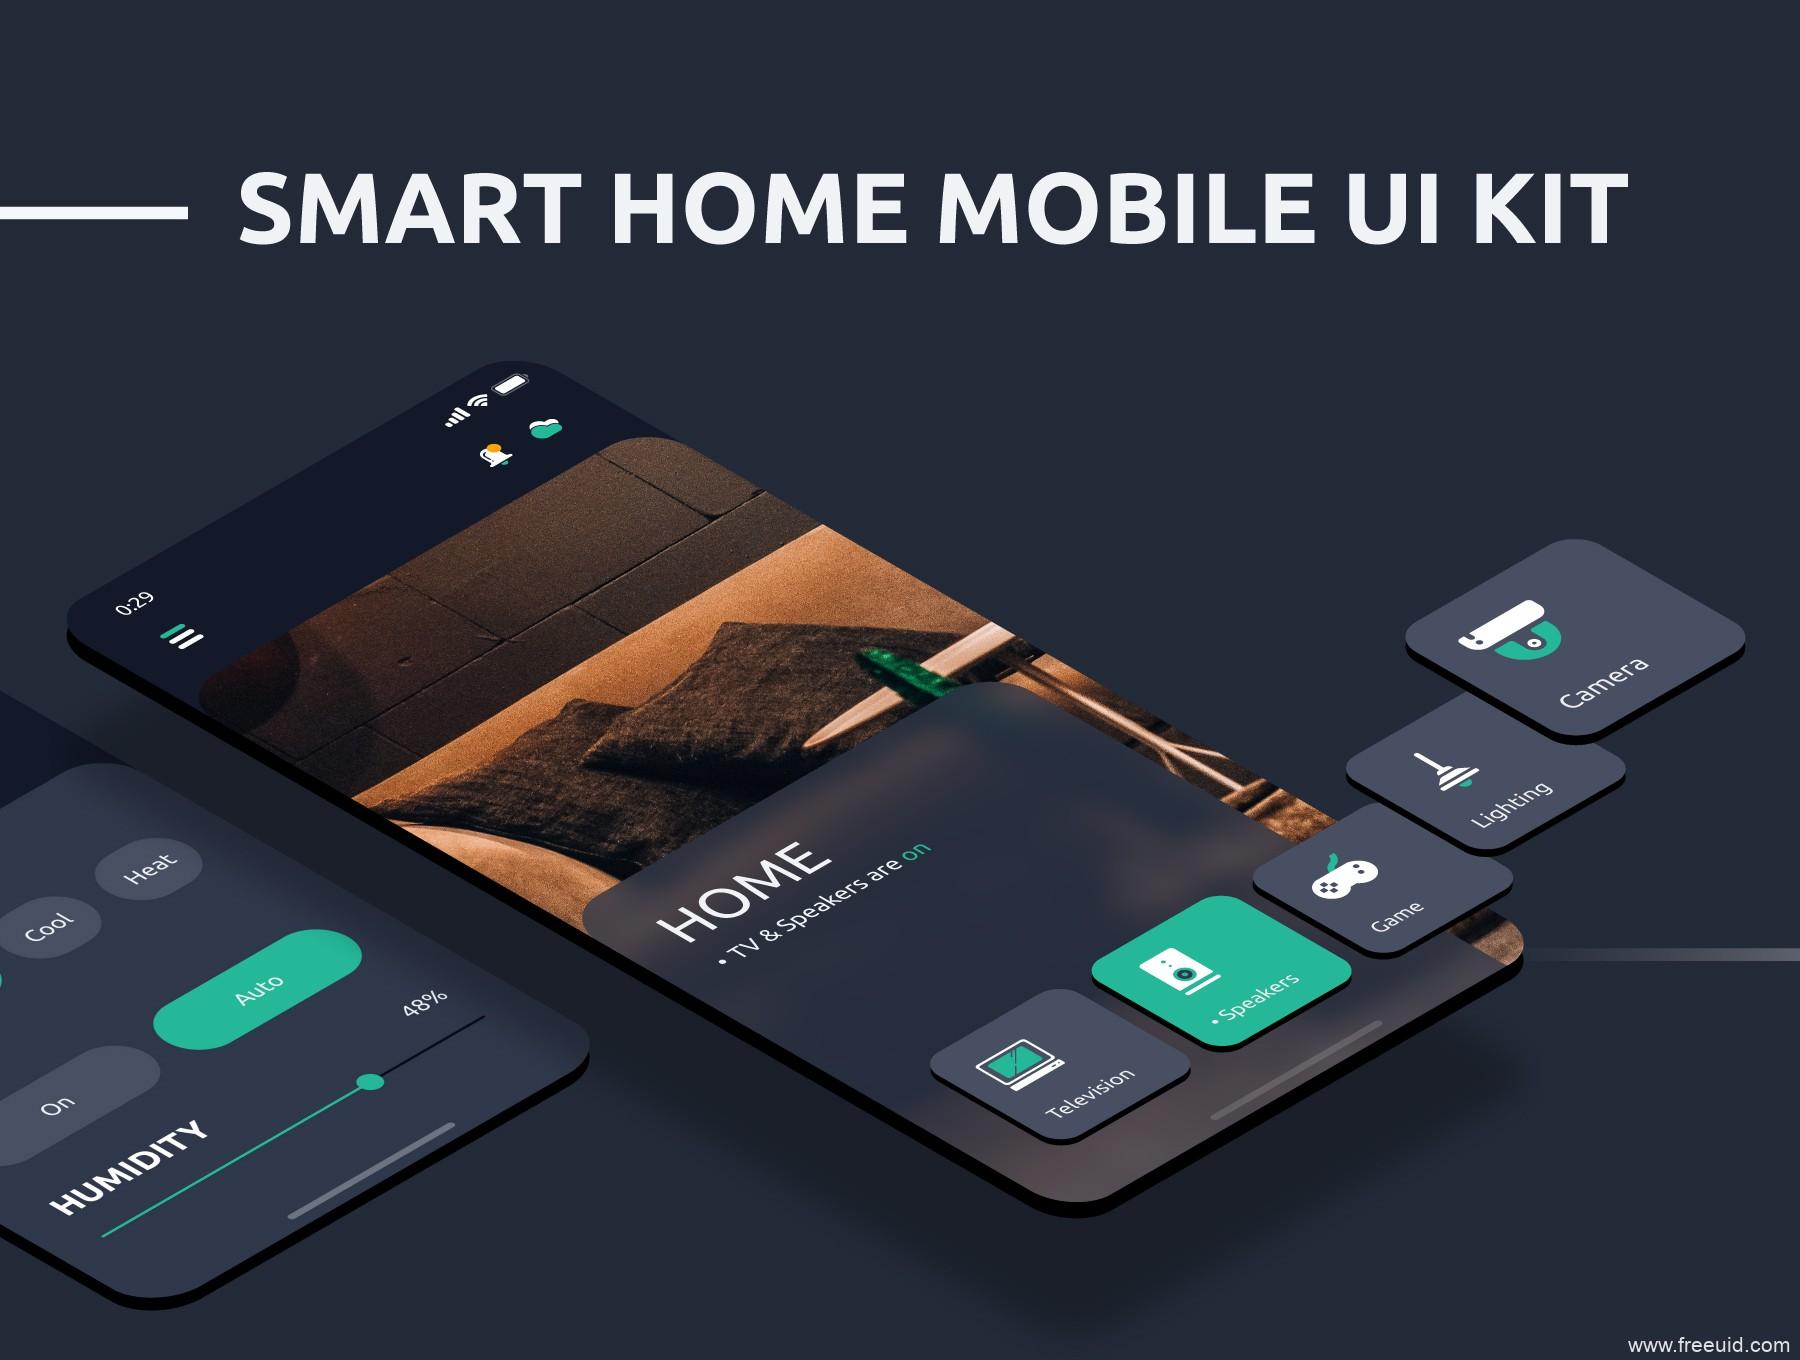 智能居家APP UI KIT套装下载,暗色模式+亮色模式两套超完整智能家居app UI源文件下载,智慧家庭app UI资源sketch源文件下载